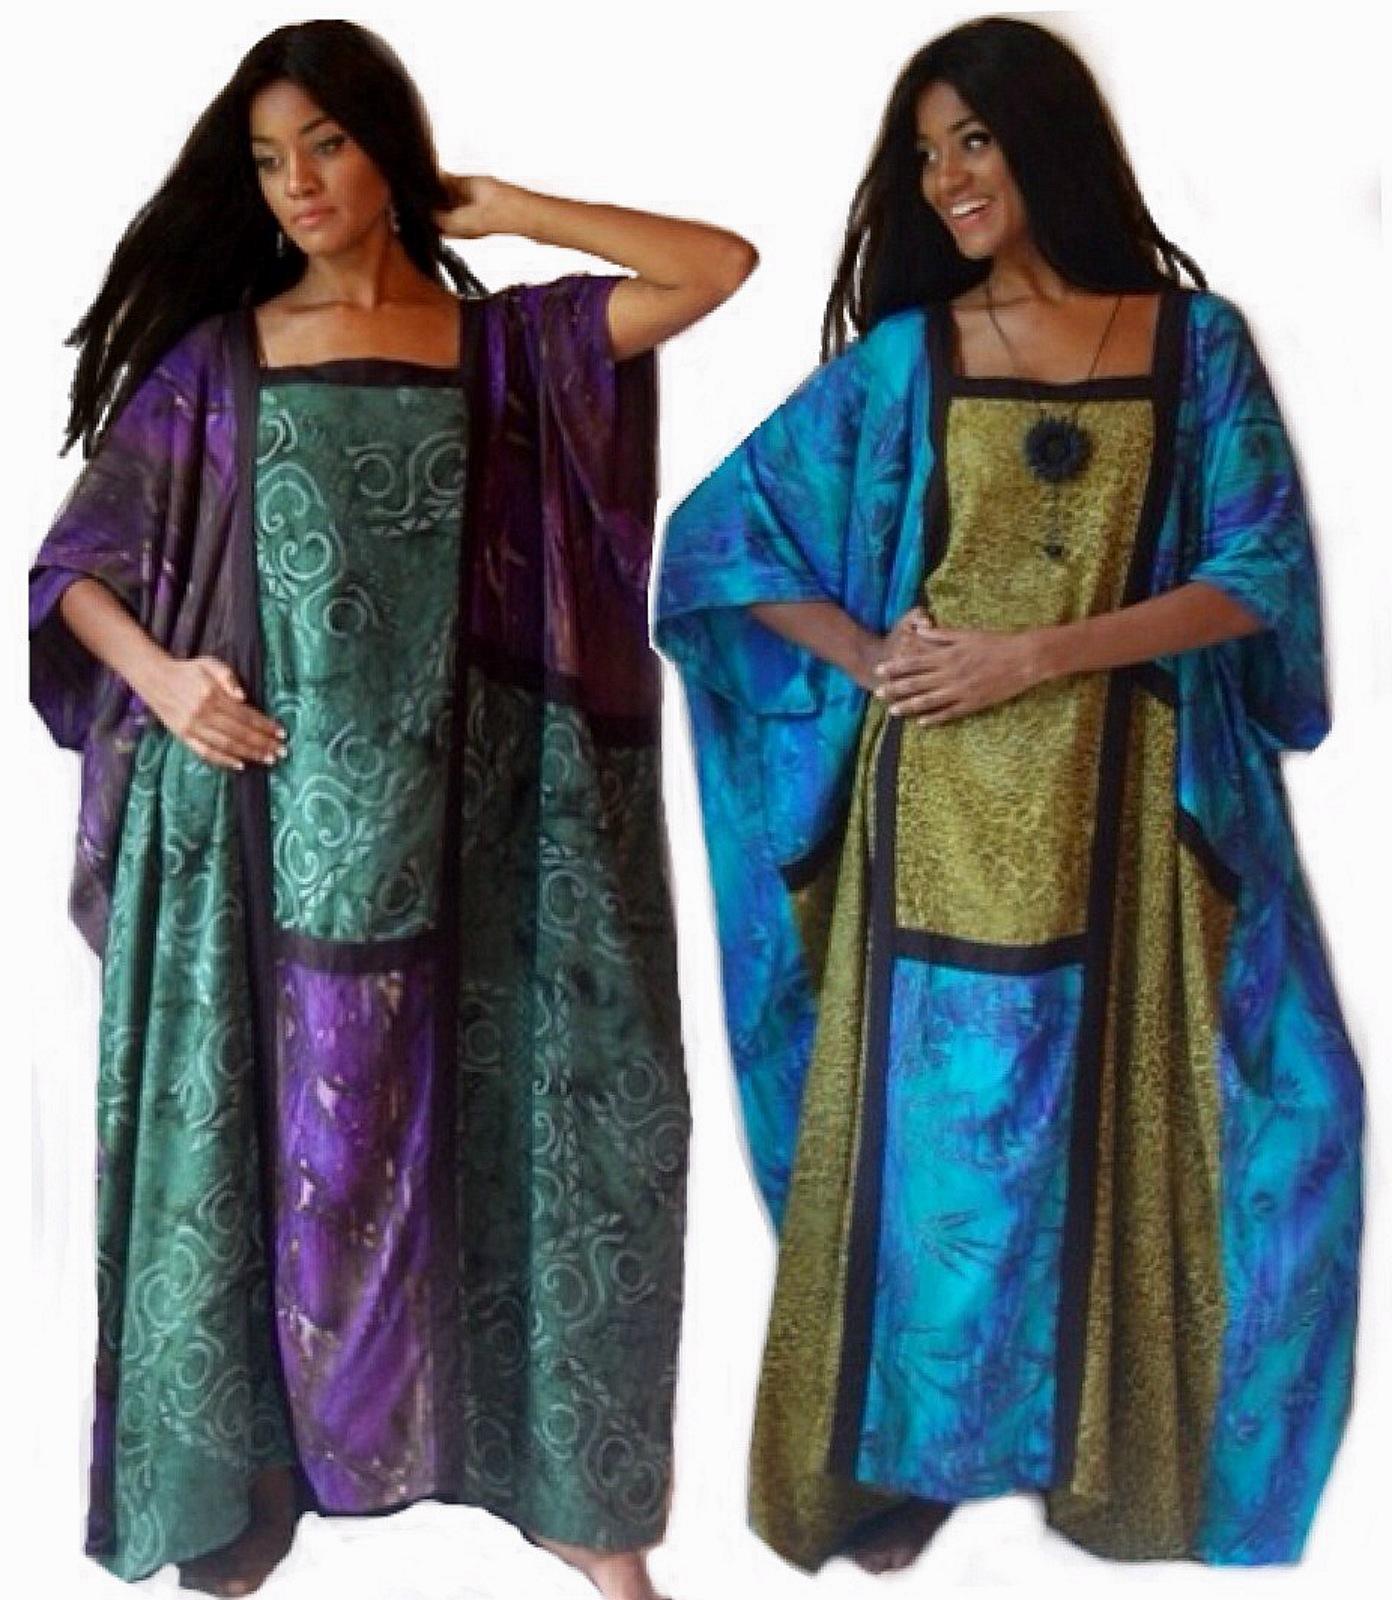 Lotustraders Clothing